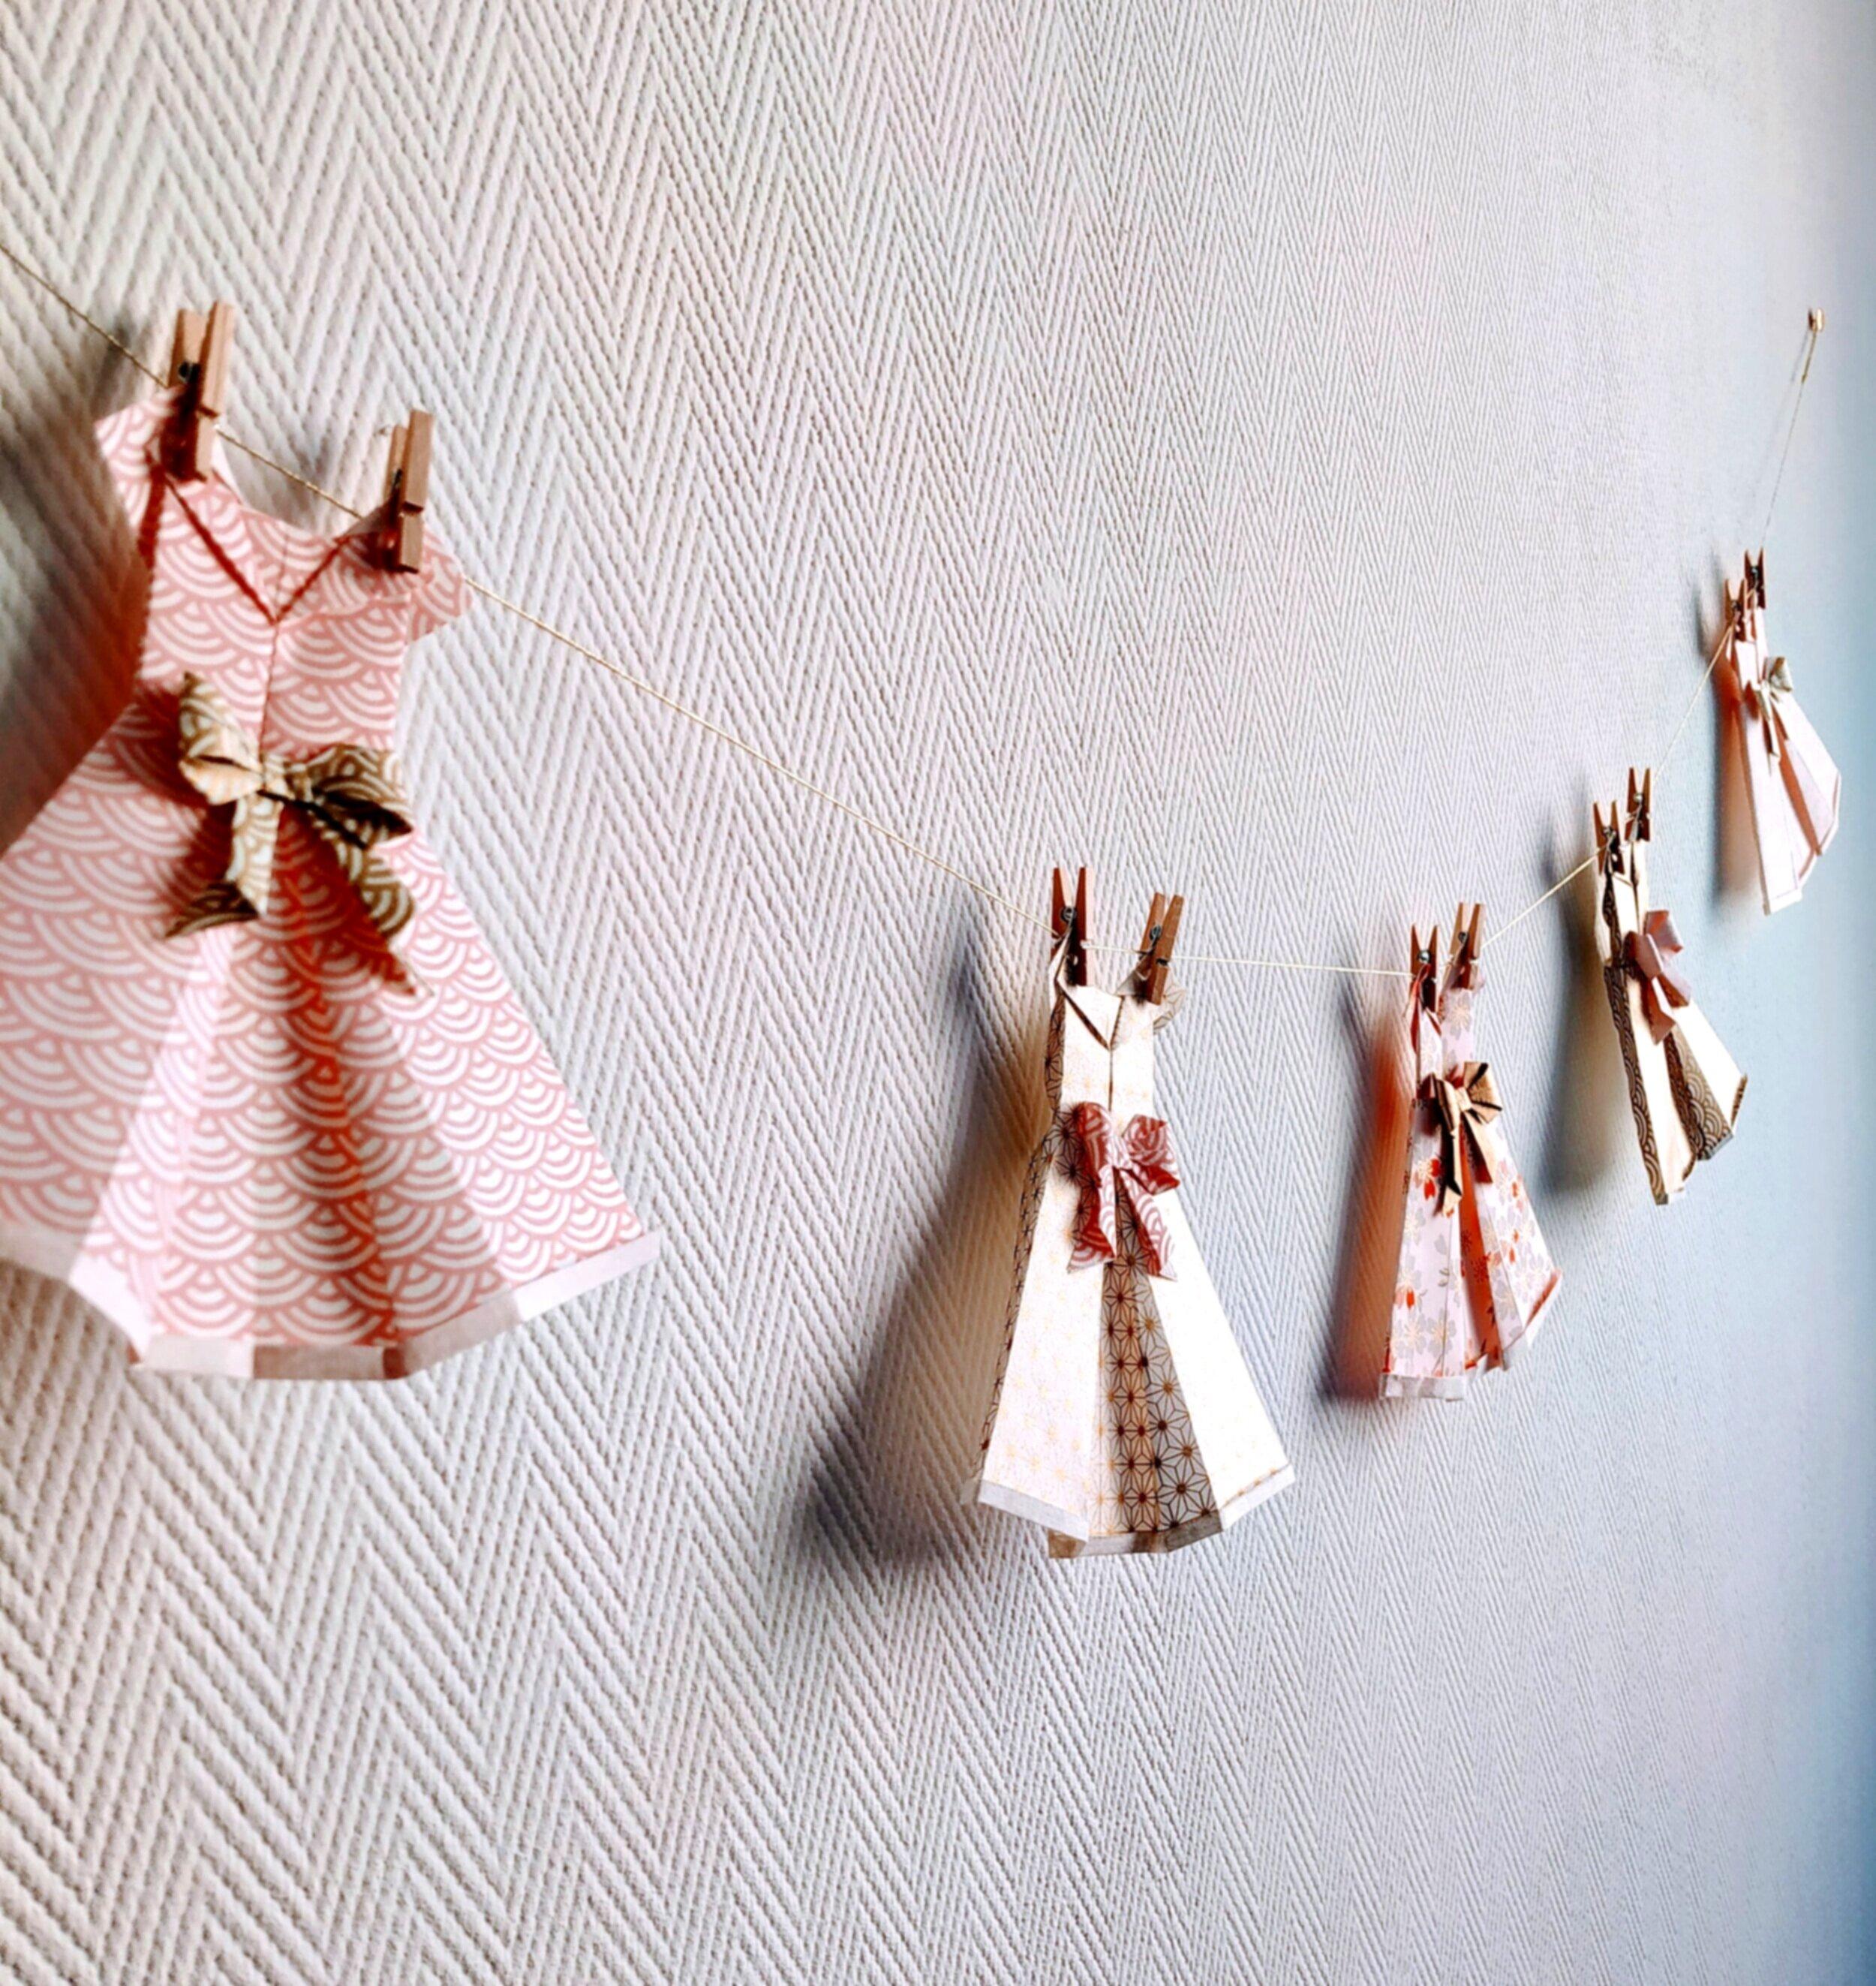 Décoration chambre fille robes en papier origami personnalisable — Petipli,  bijoux et décorations en origami et papier japonais